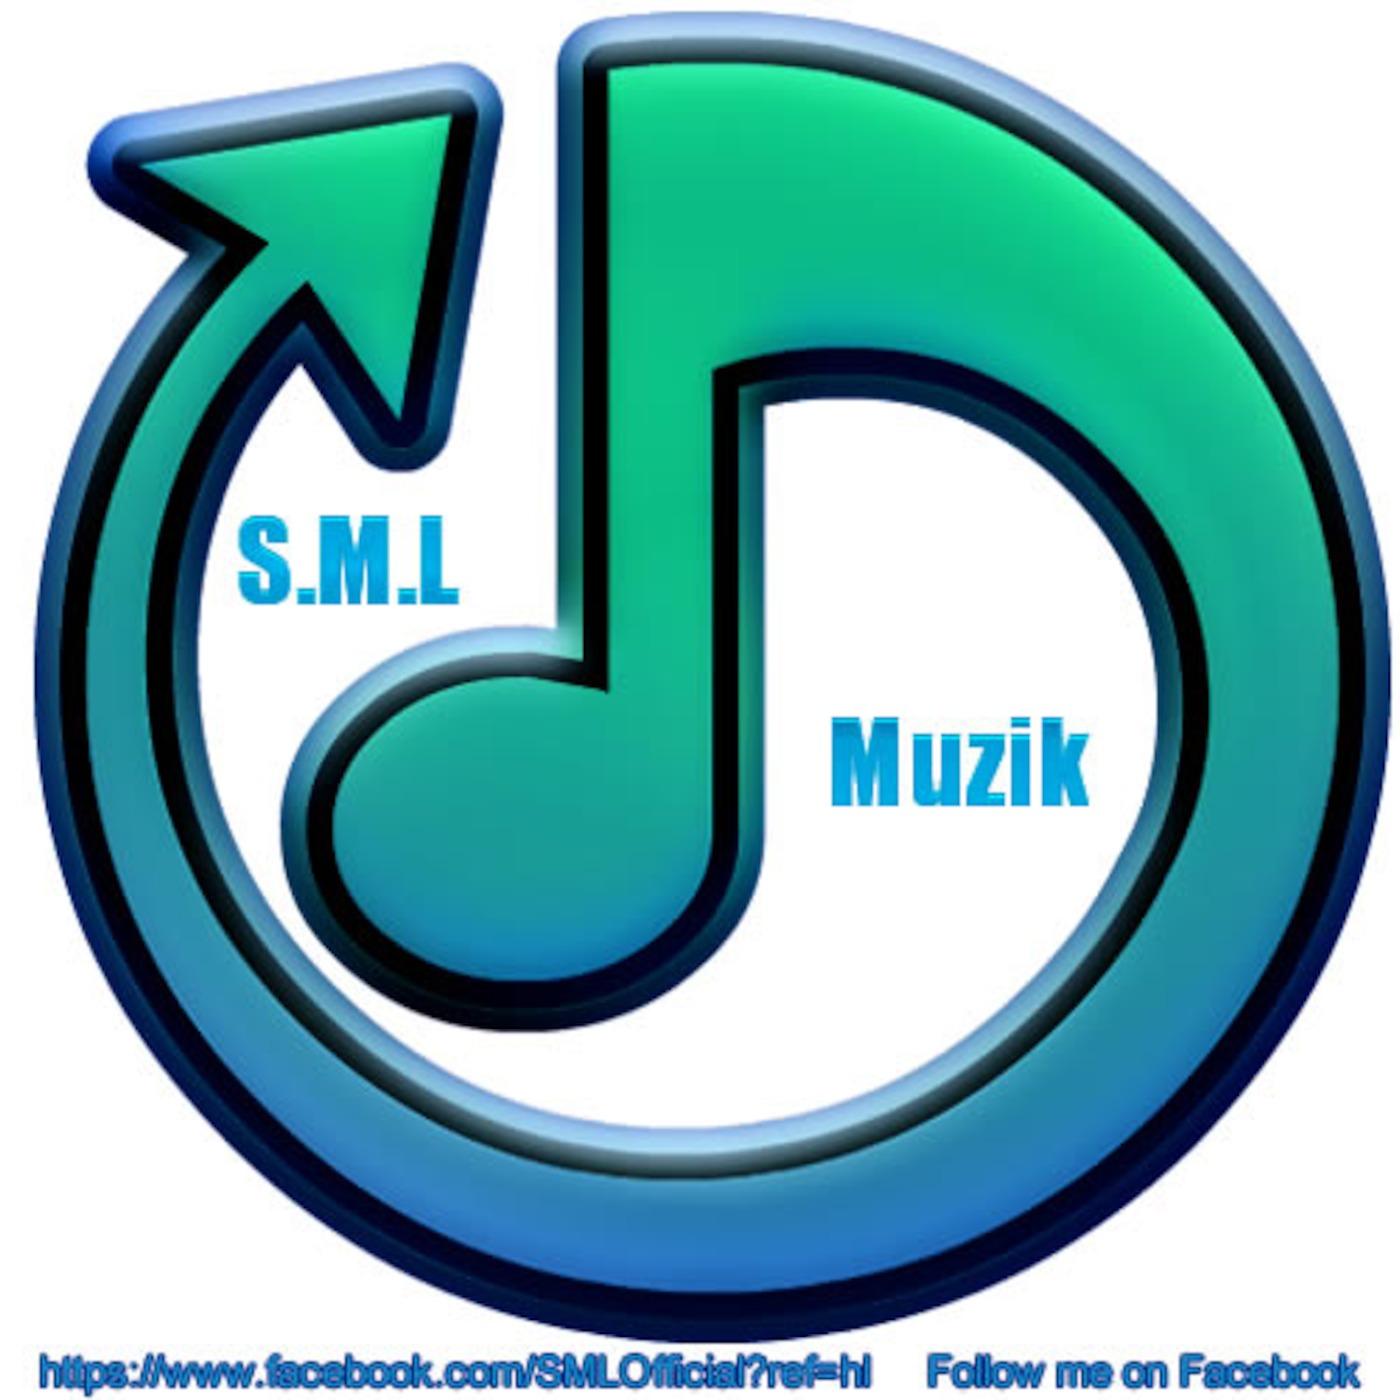 S.M.L Muzik Podcast